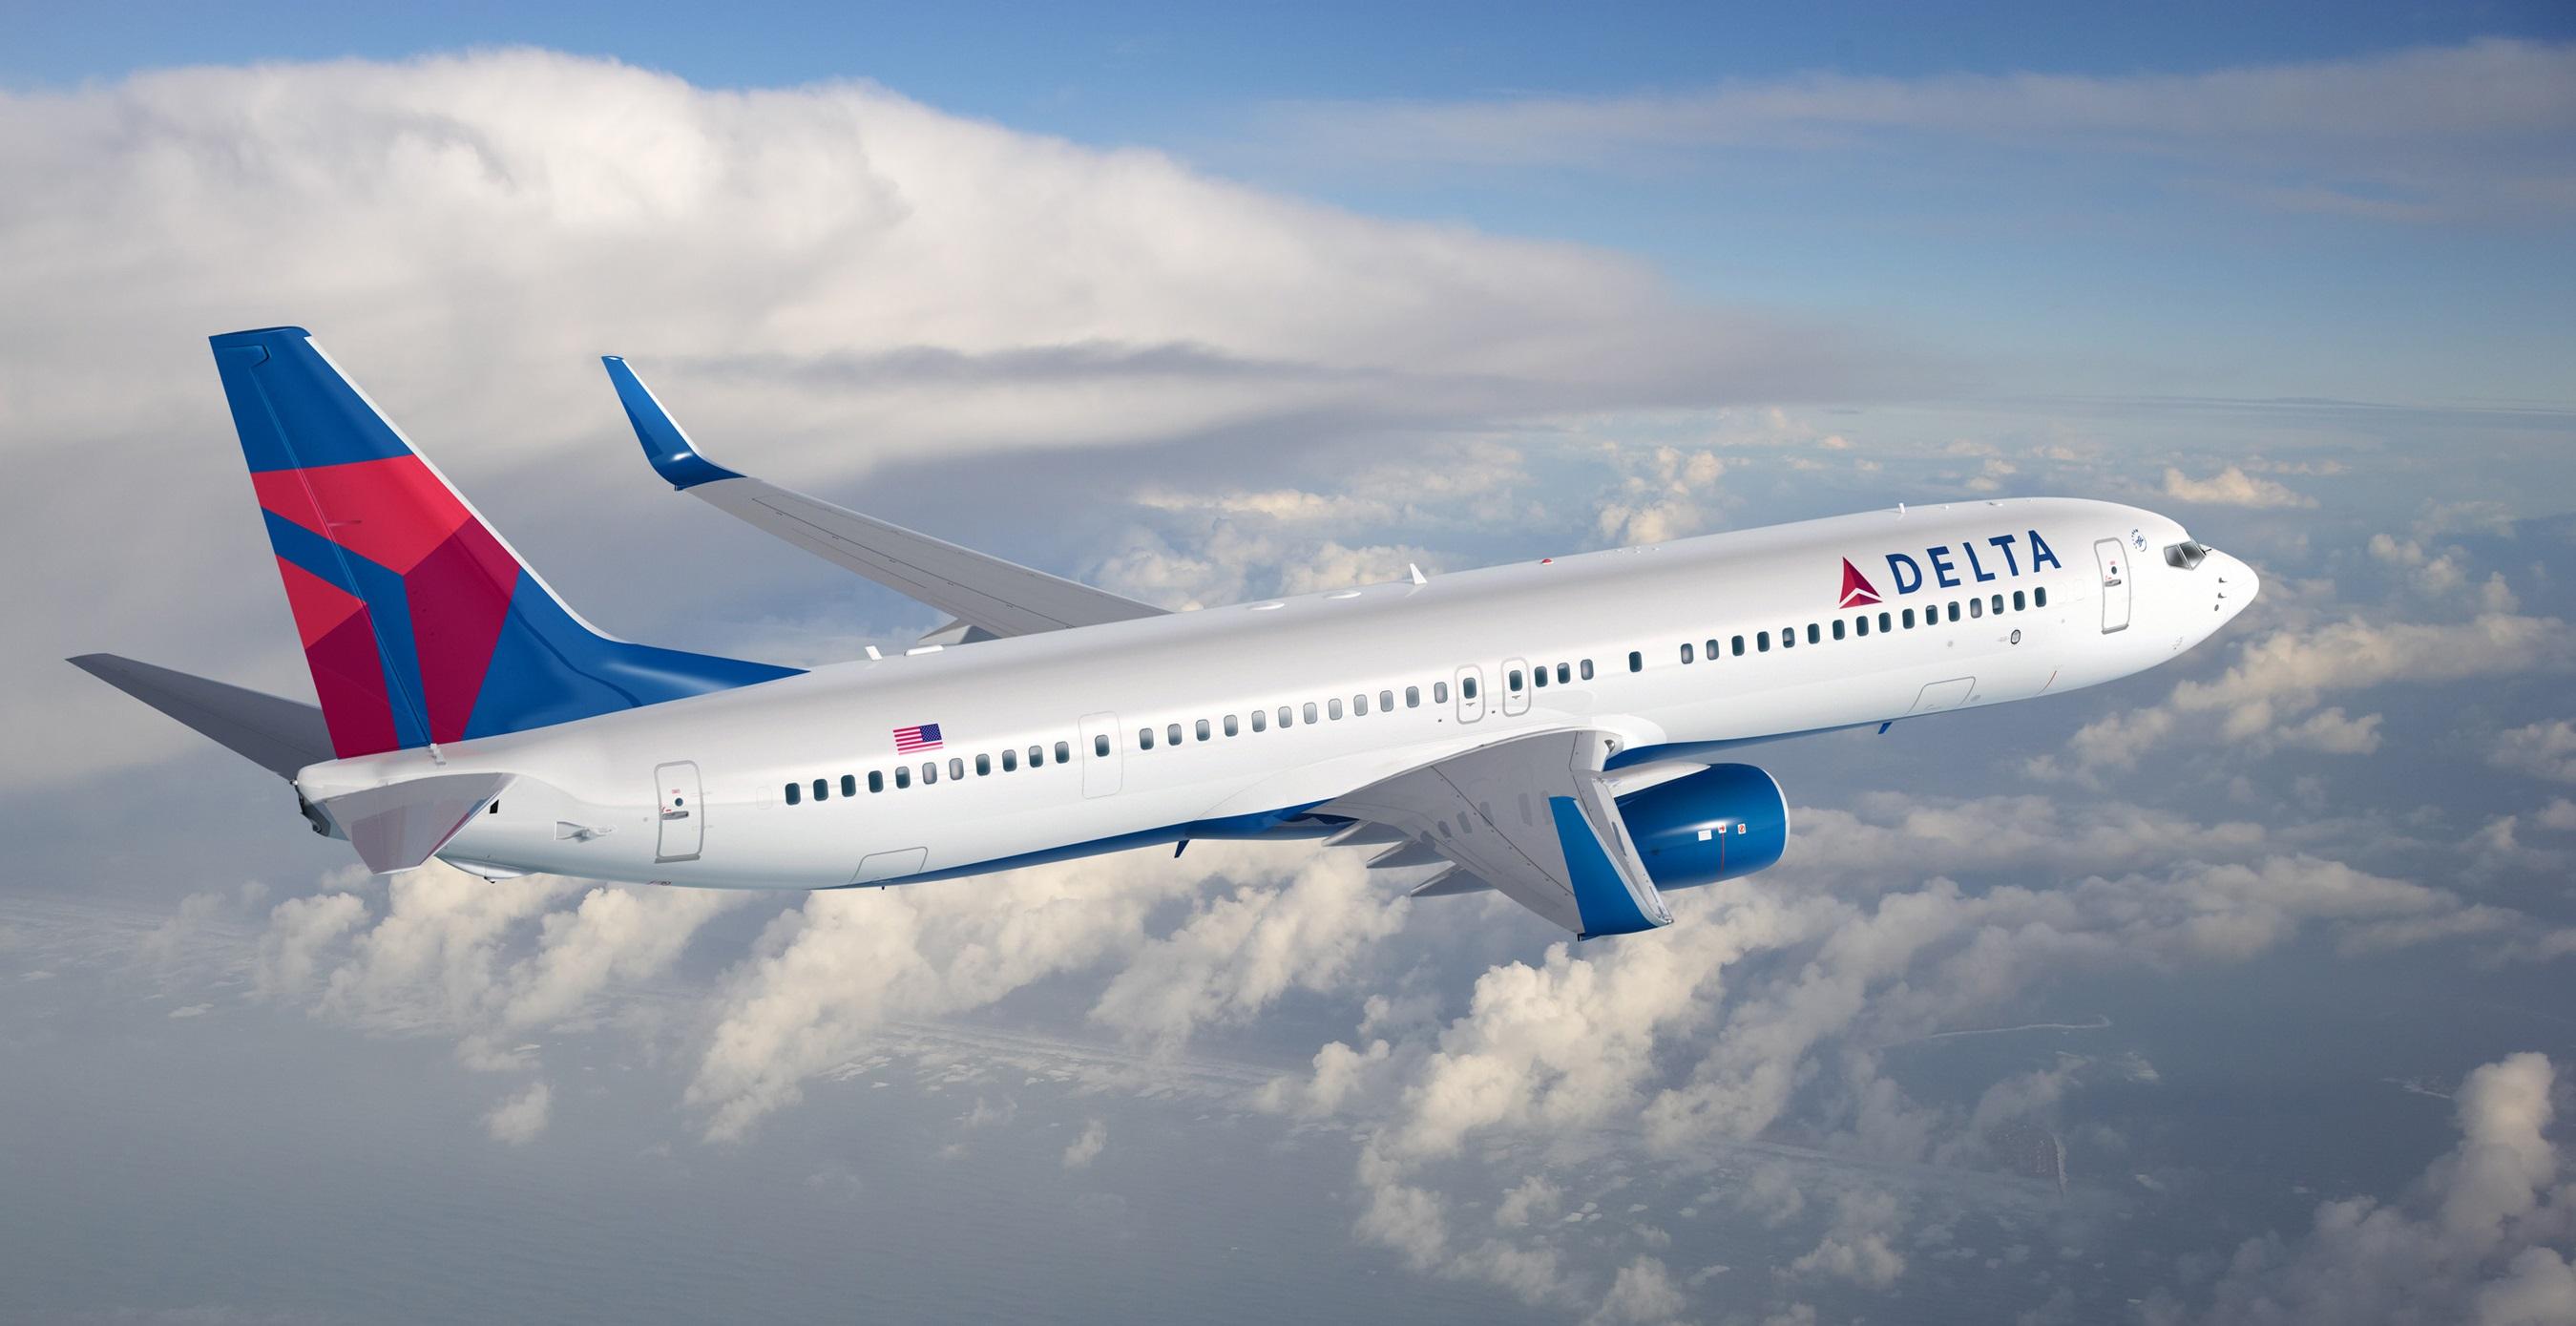 Delta Boeing 737